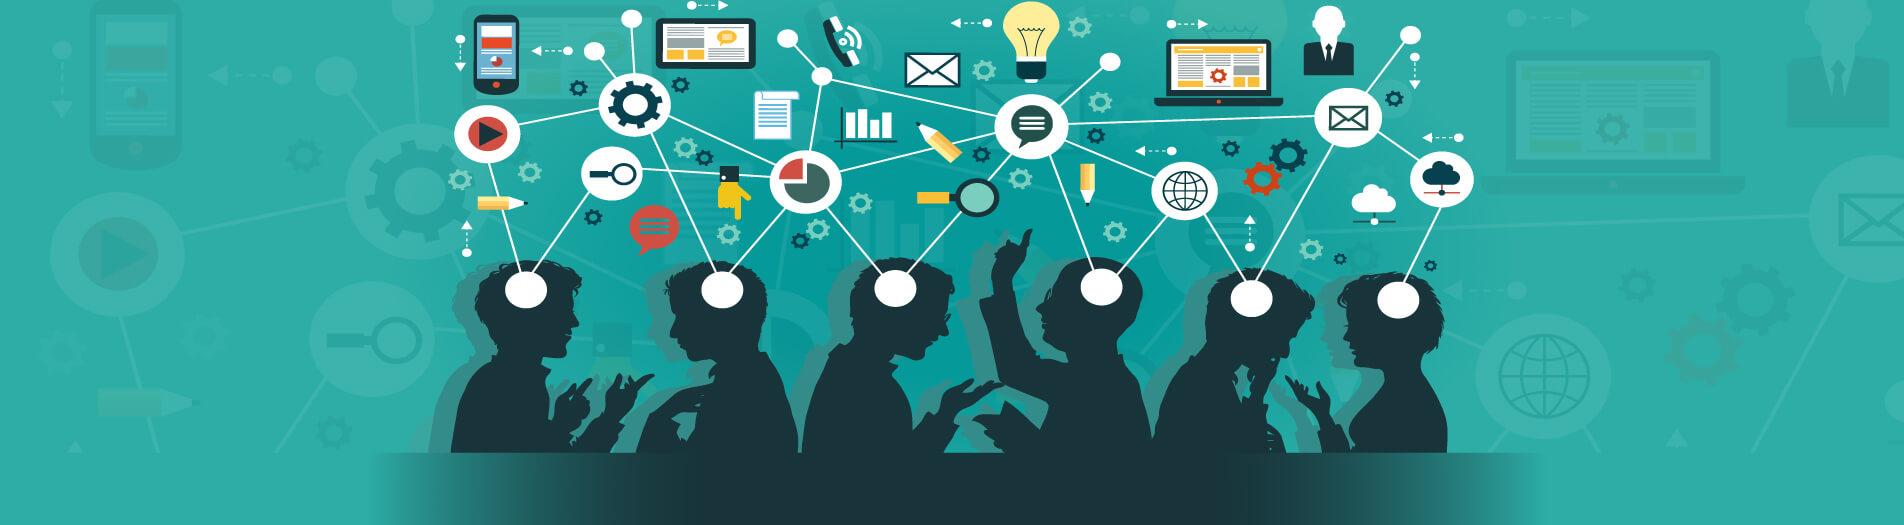 یادگیری مشارکتی؛ مداخلهی فعال در کلاس درس